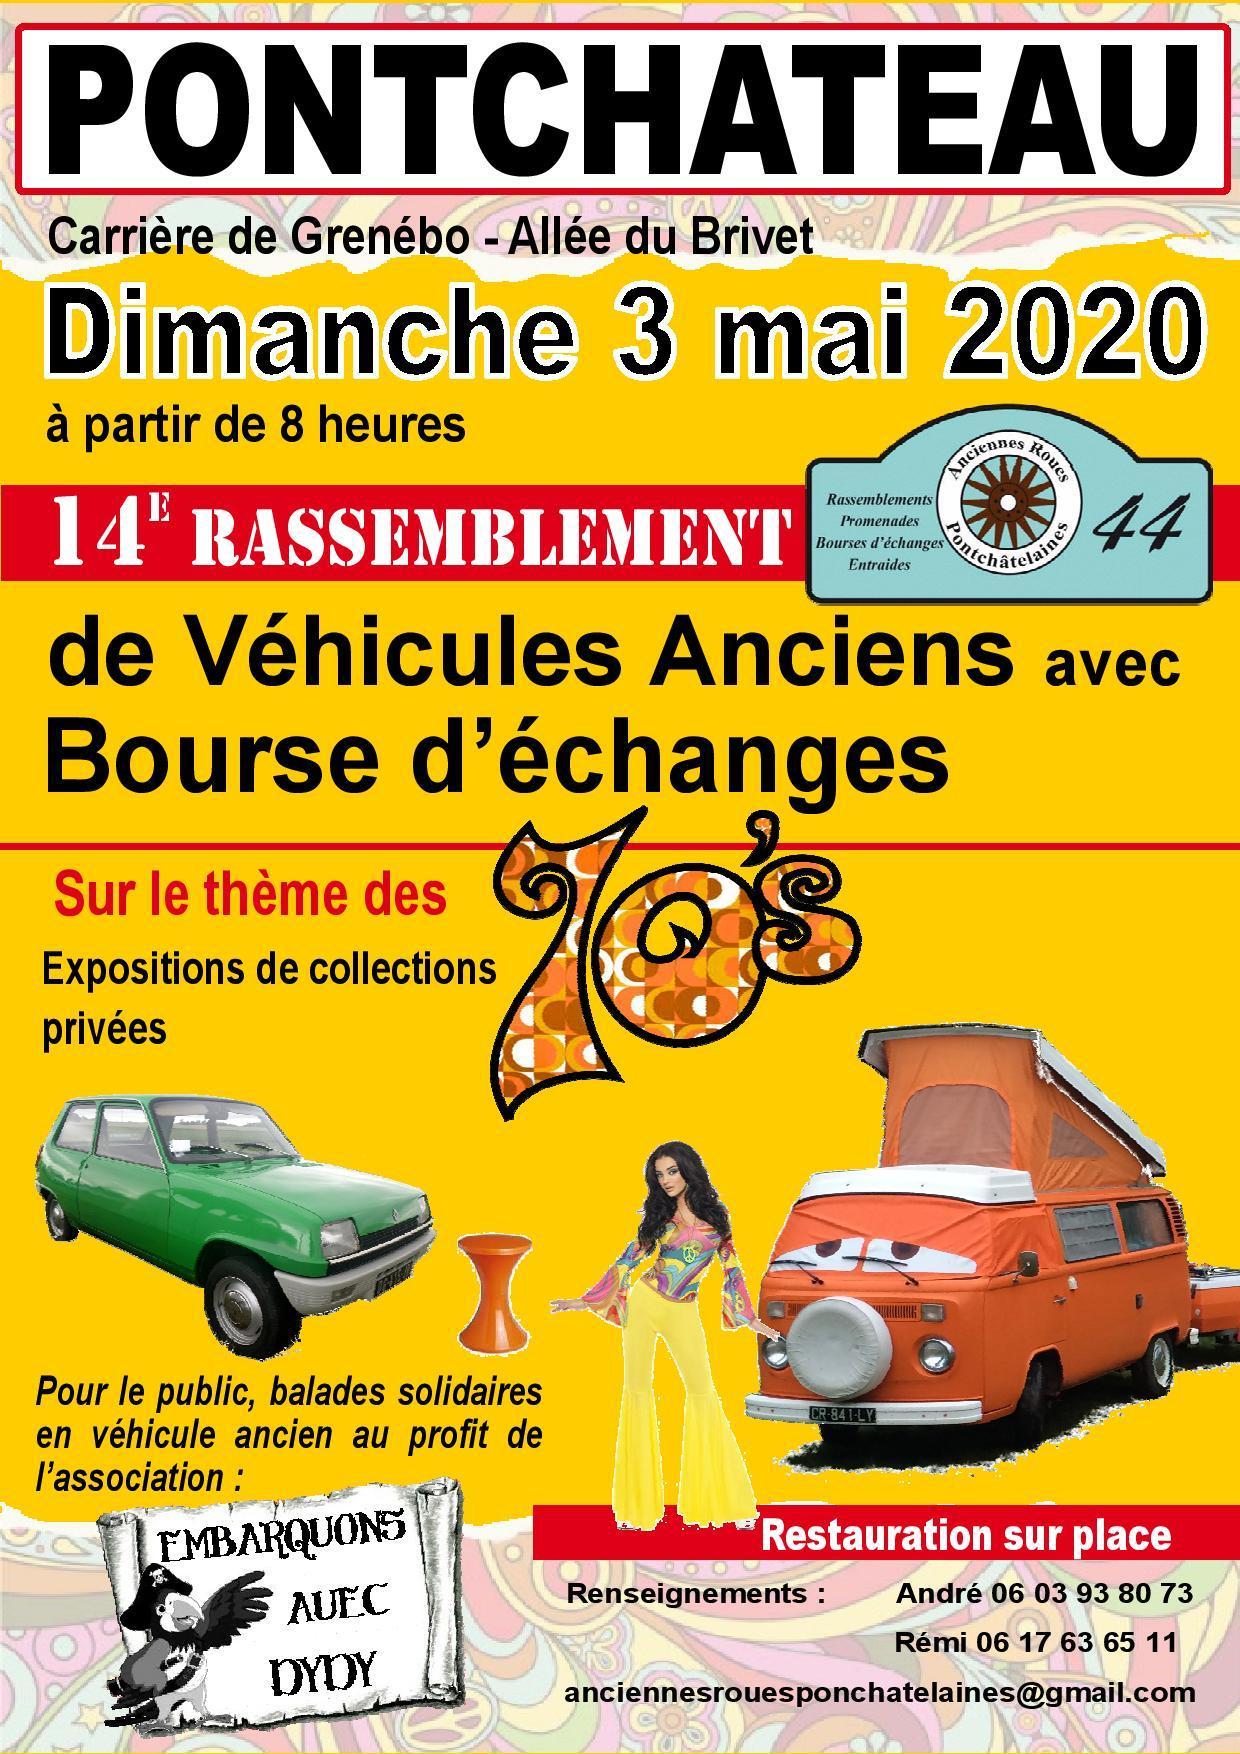 3 mai 2020 bourse à pontchateau 44 2020_pont_chateau-page-001